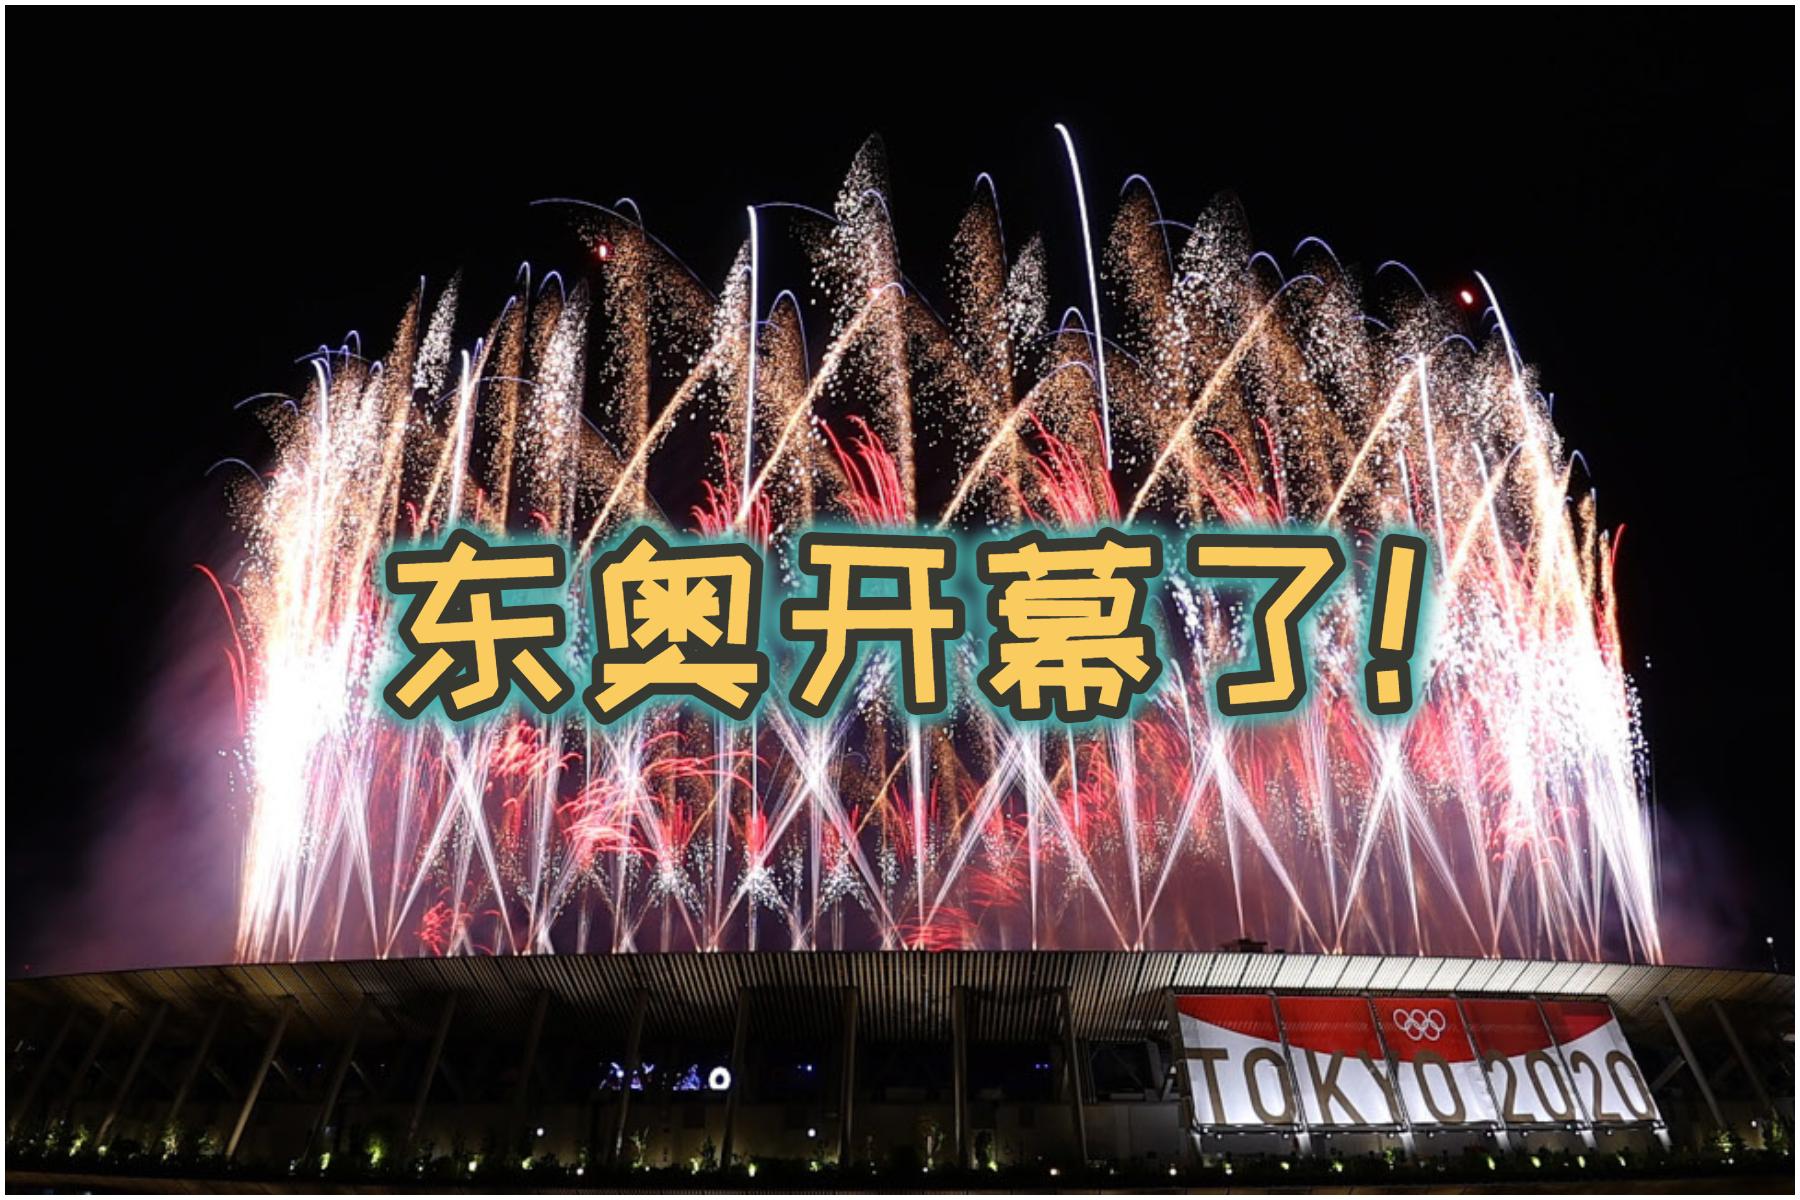 因疫情延迟了一年的东京奥运会,在经历了重重波折和纷扰后,如期在7月23日(周五)晚7时正式开幕!-路透社/精彩大马制图-